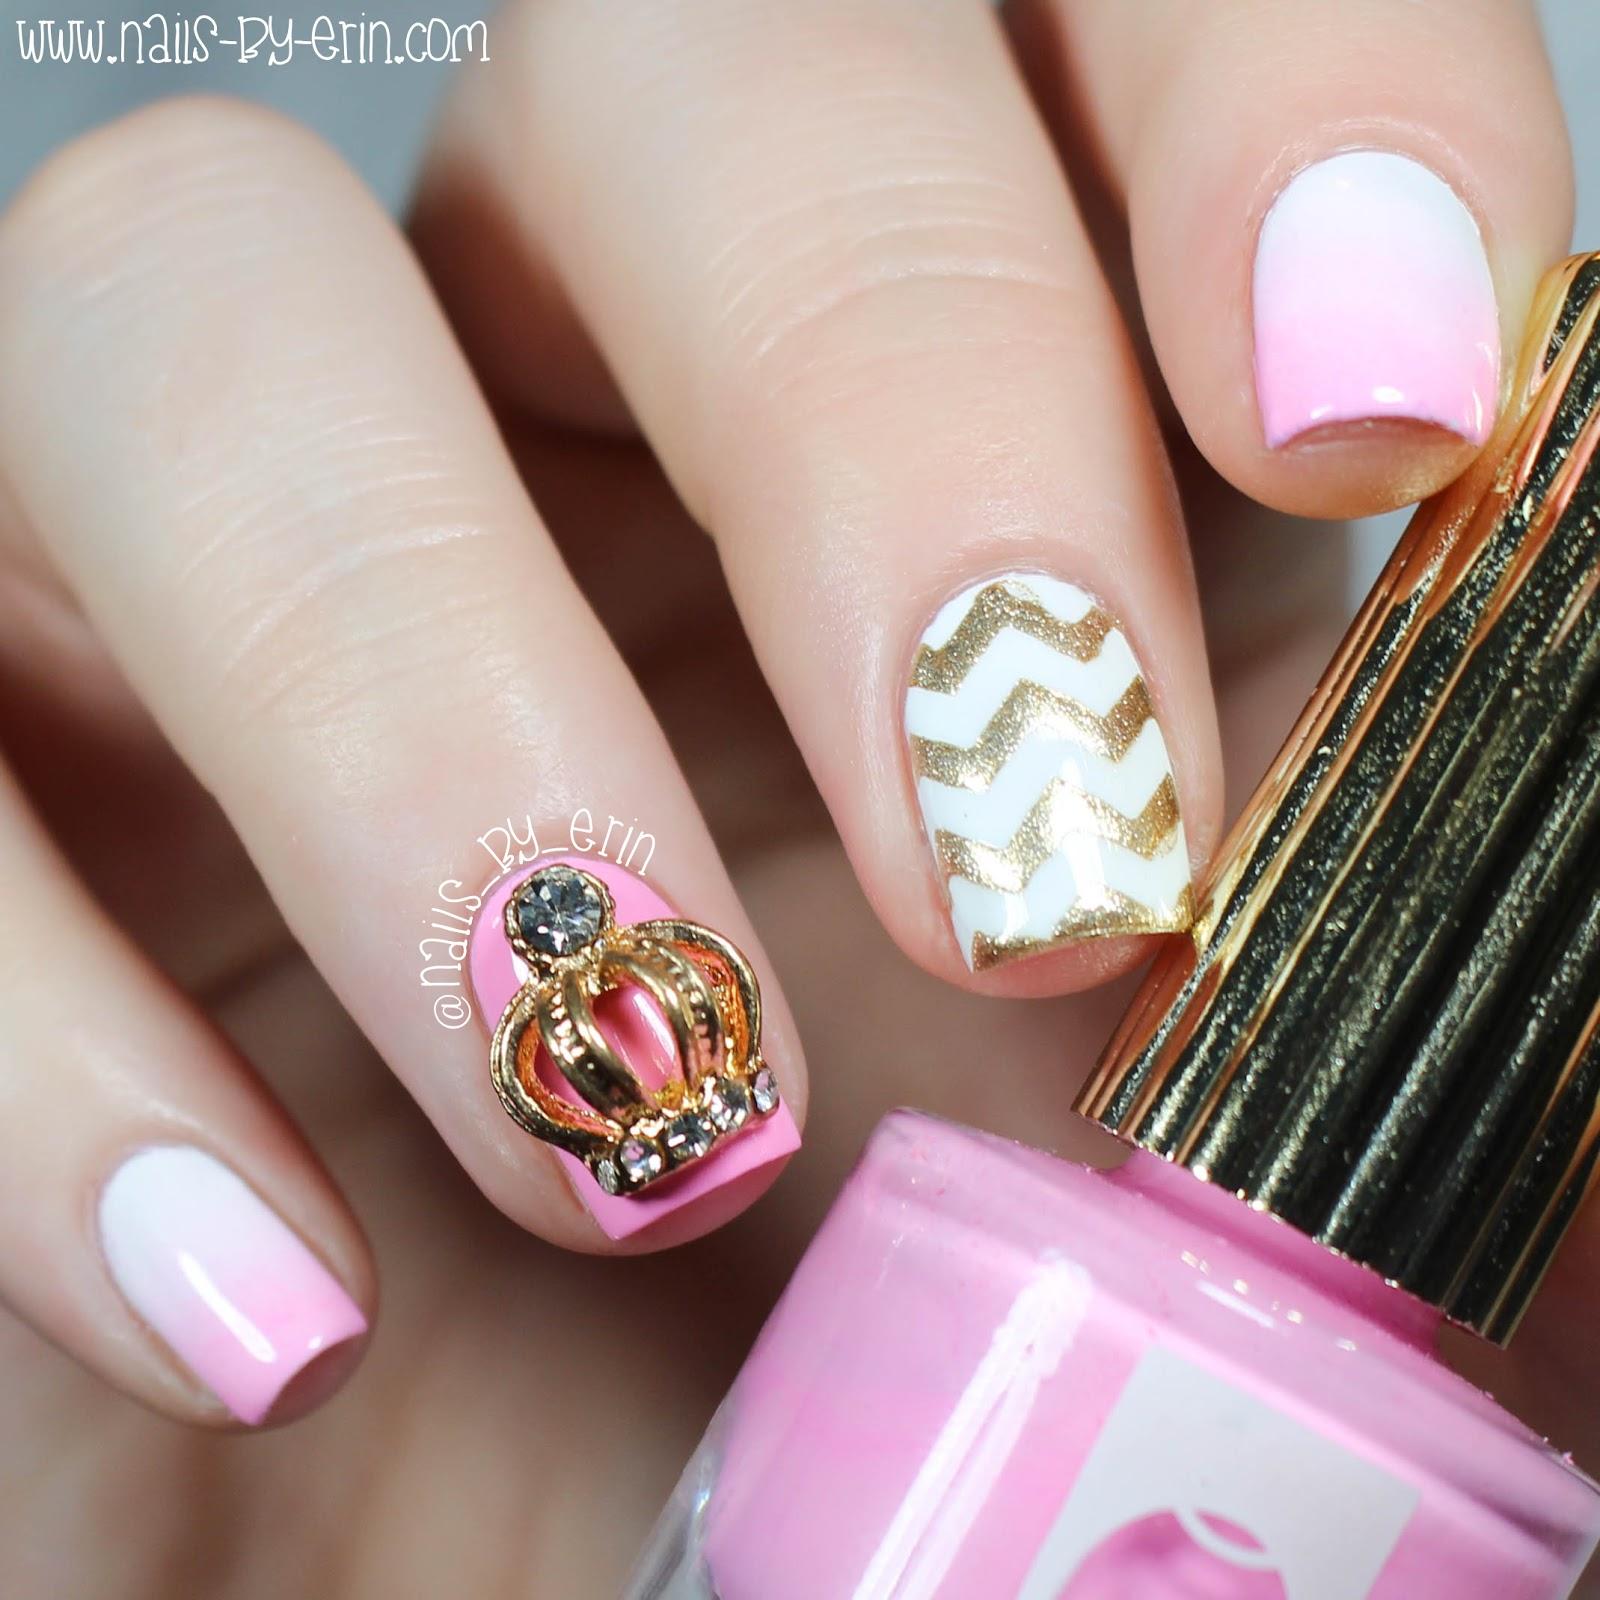 Princess Nail Art: NailsByErin: Royal Princess Nails